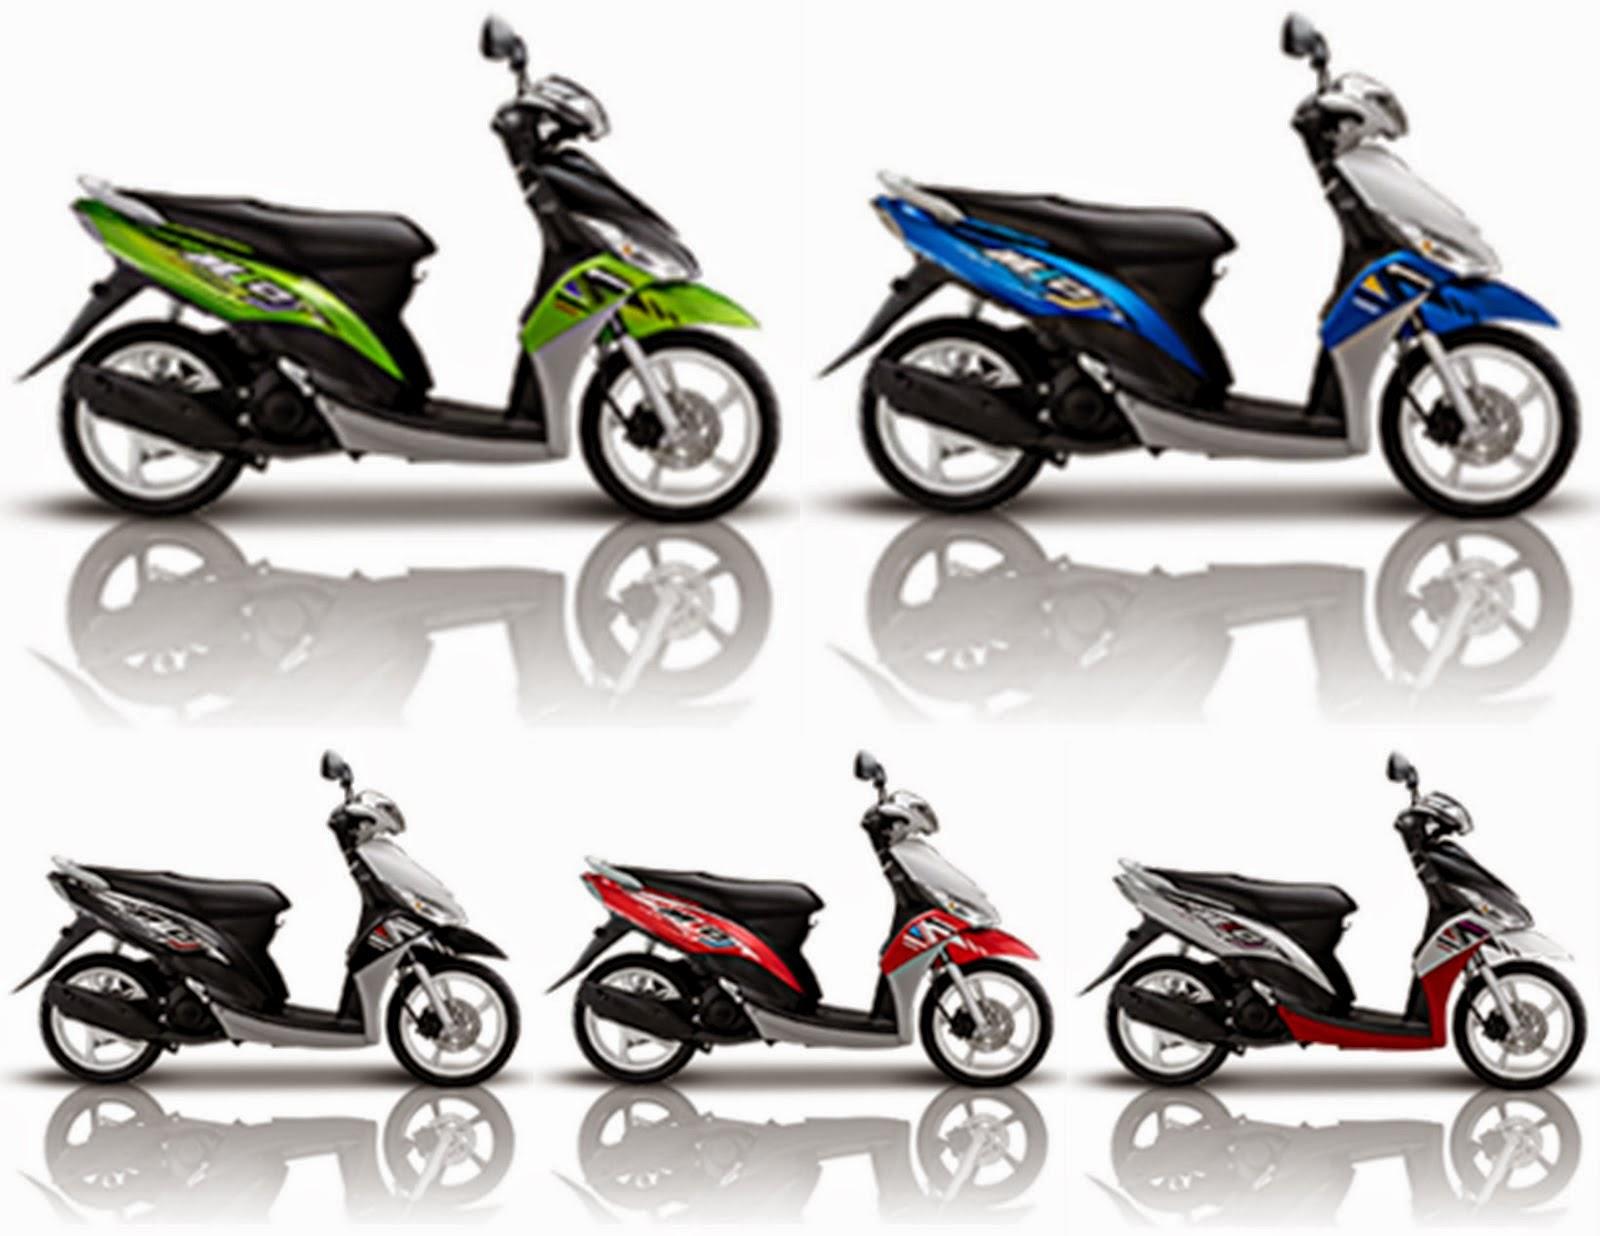 Promo Sewa Motor Murah Semarang, Rental Motor, Rental Motor Semarang, Sewa Motor, Sewa Motor Semarang, Rental Motor Murah Semarang, Sewa Motor Murah Semarang,